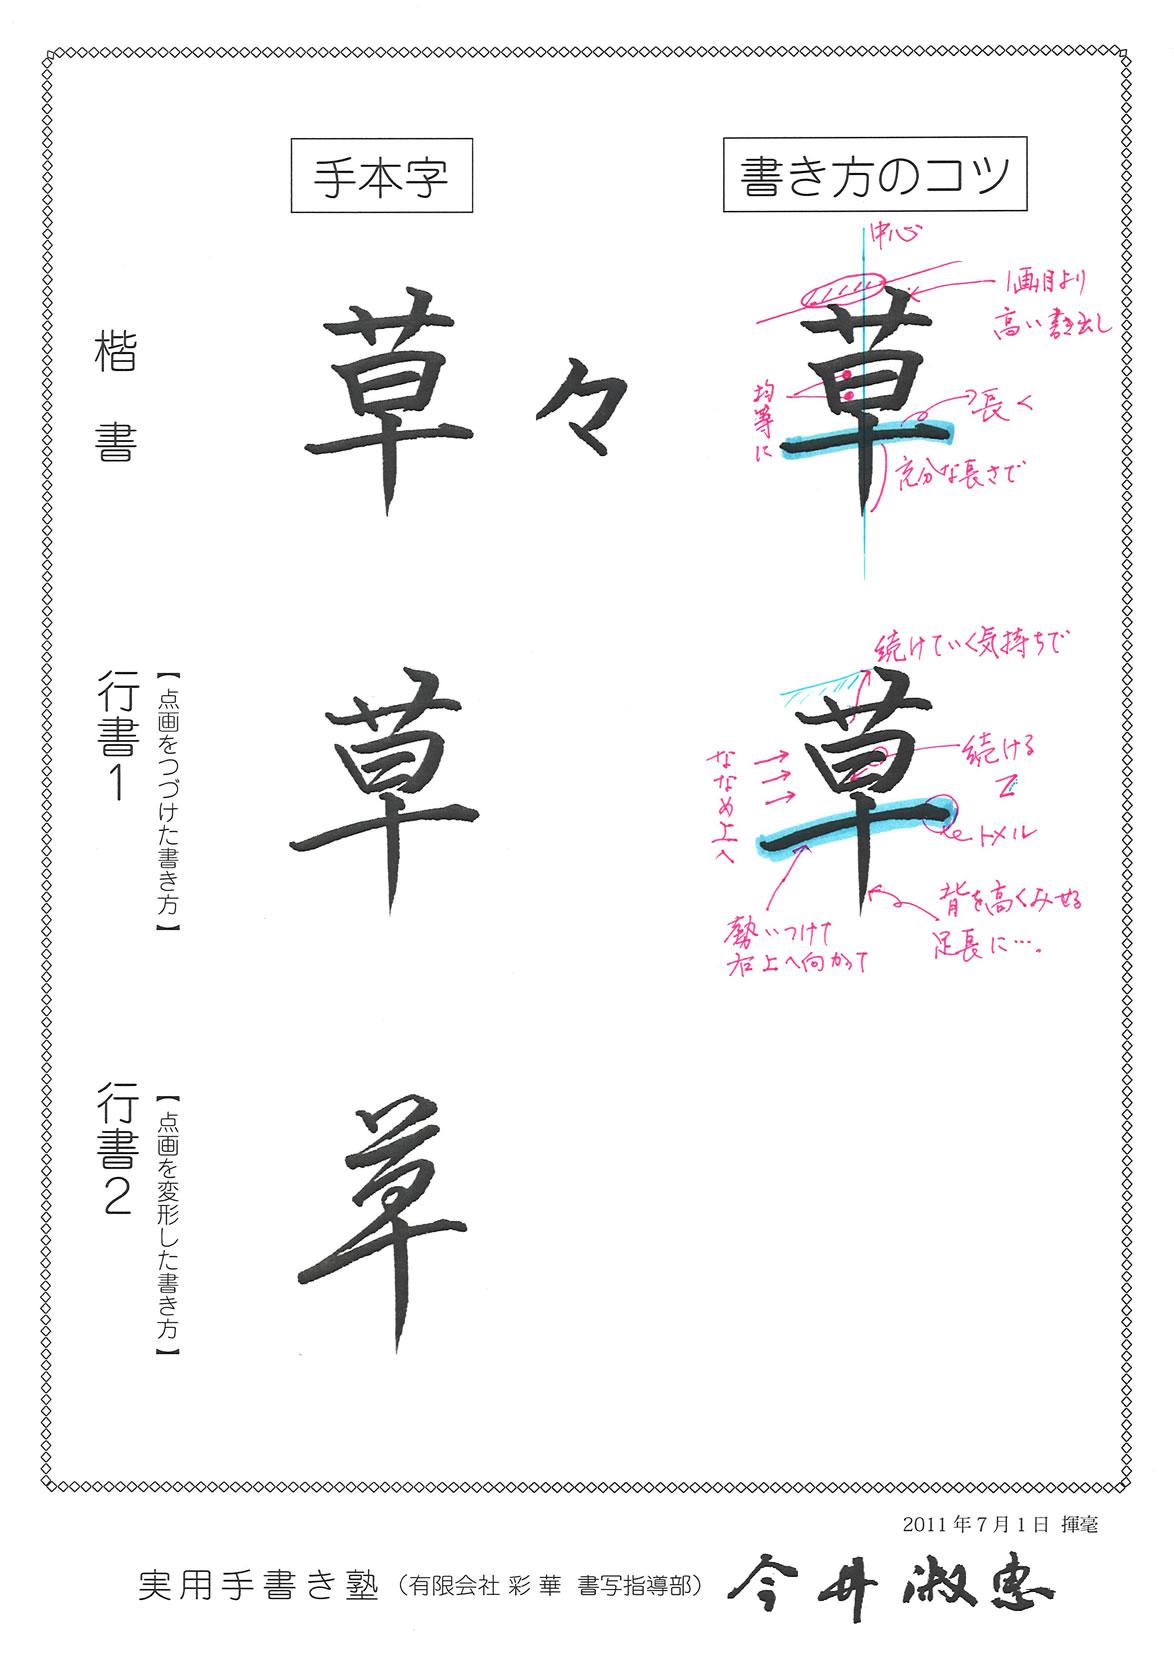 ◆大人のきれい字 書き方情報 (実技編)◆ vol.26